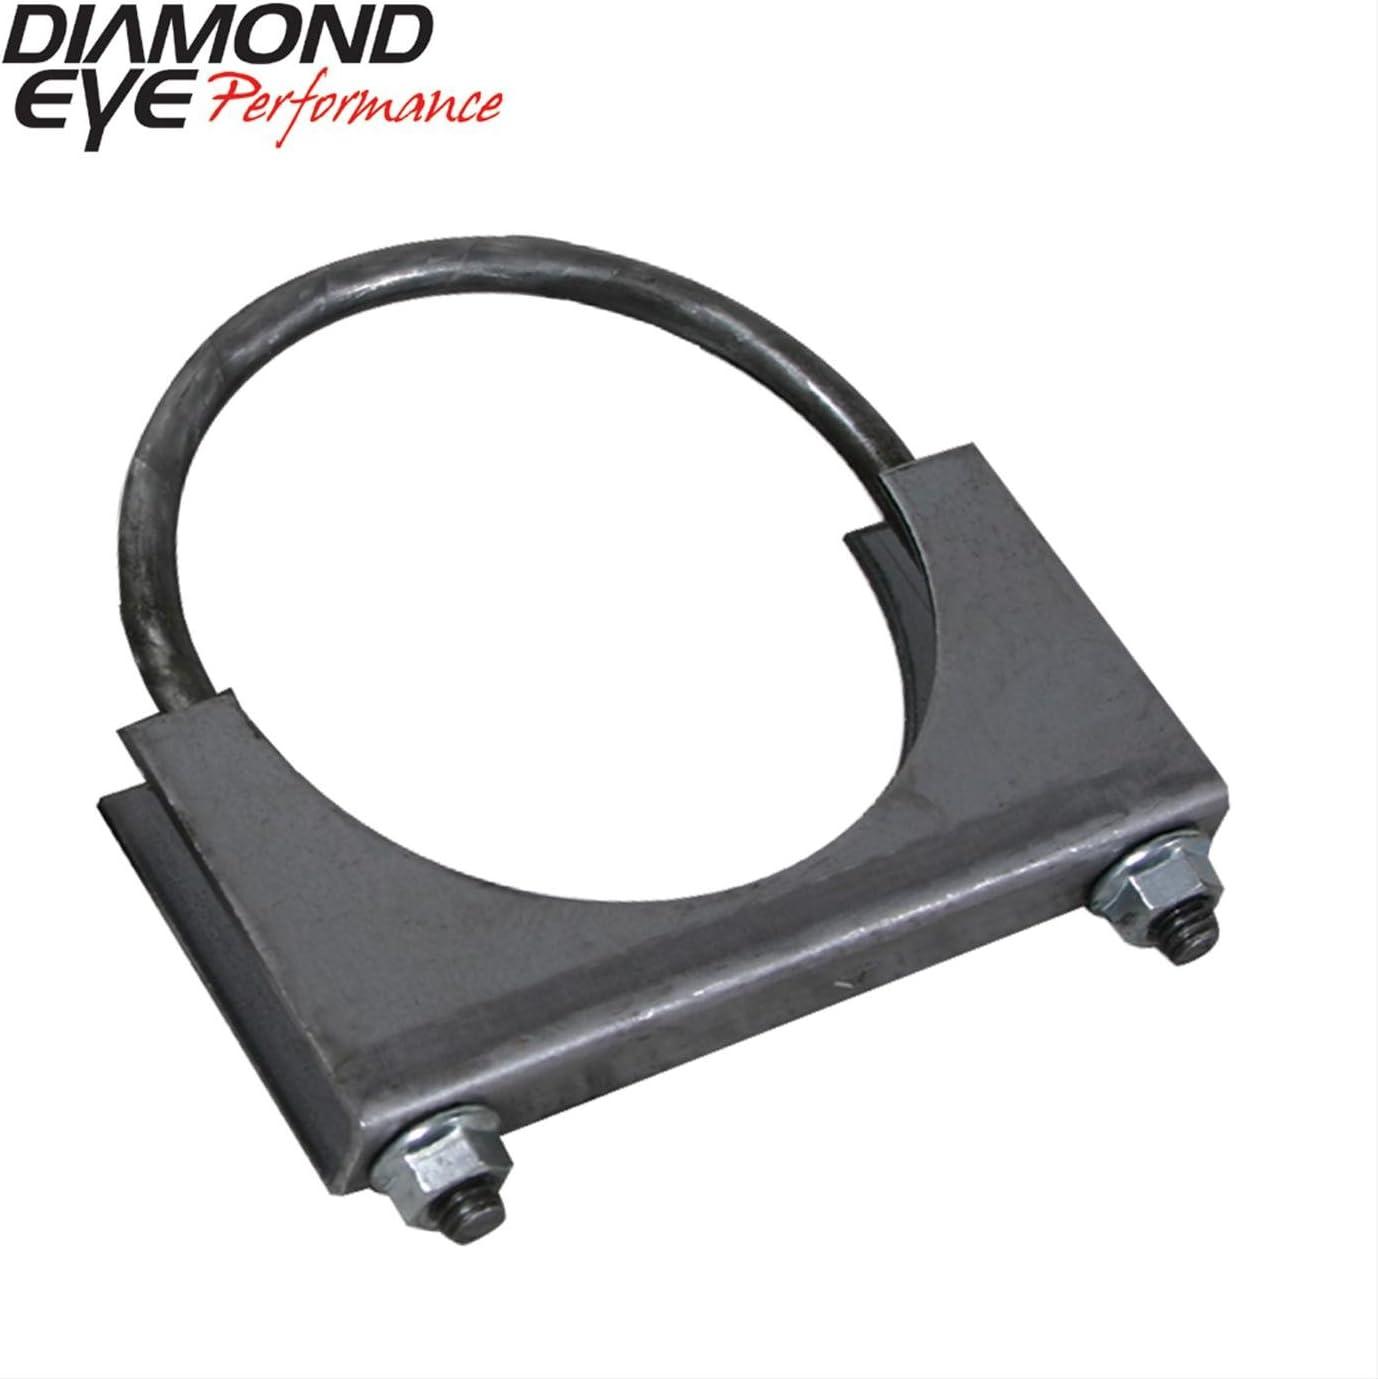 Diamond Eye 444000 Exhaust Clamp